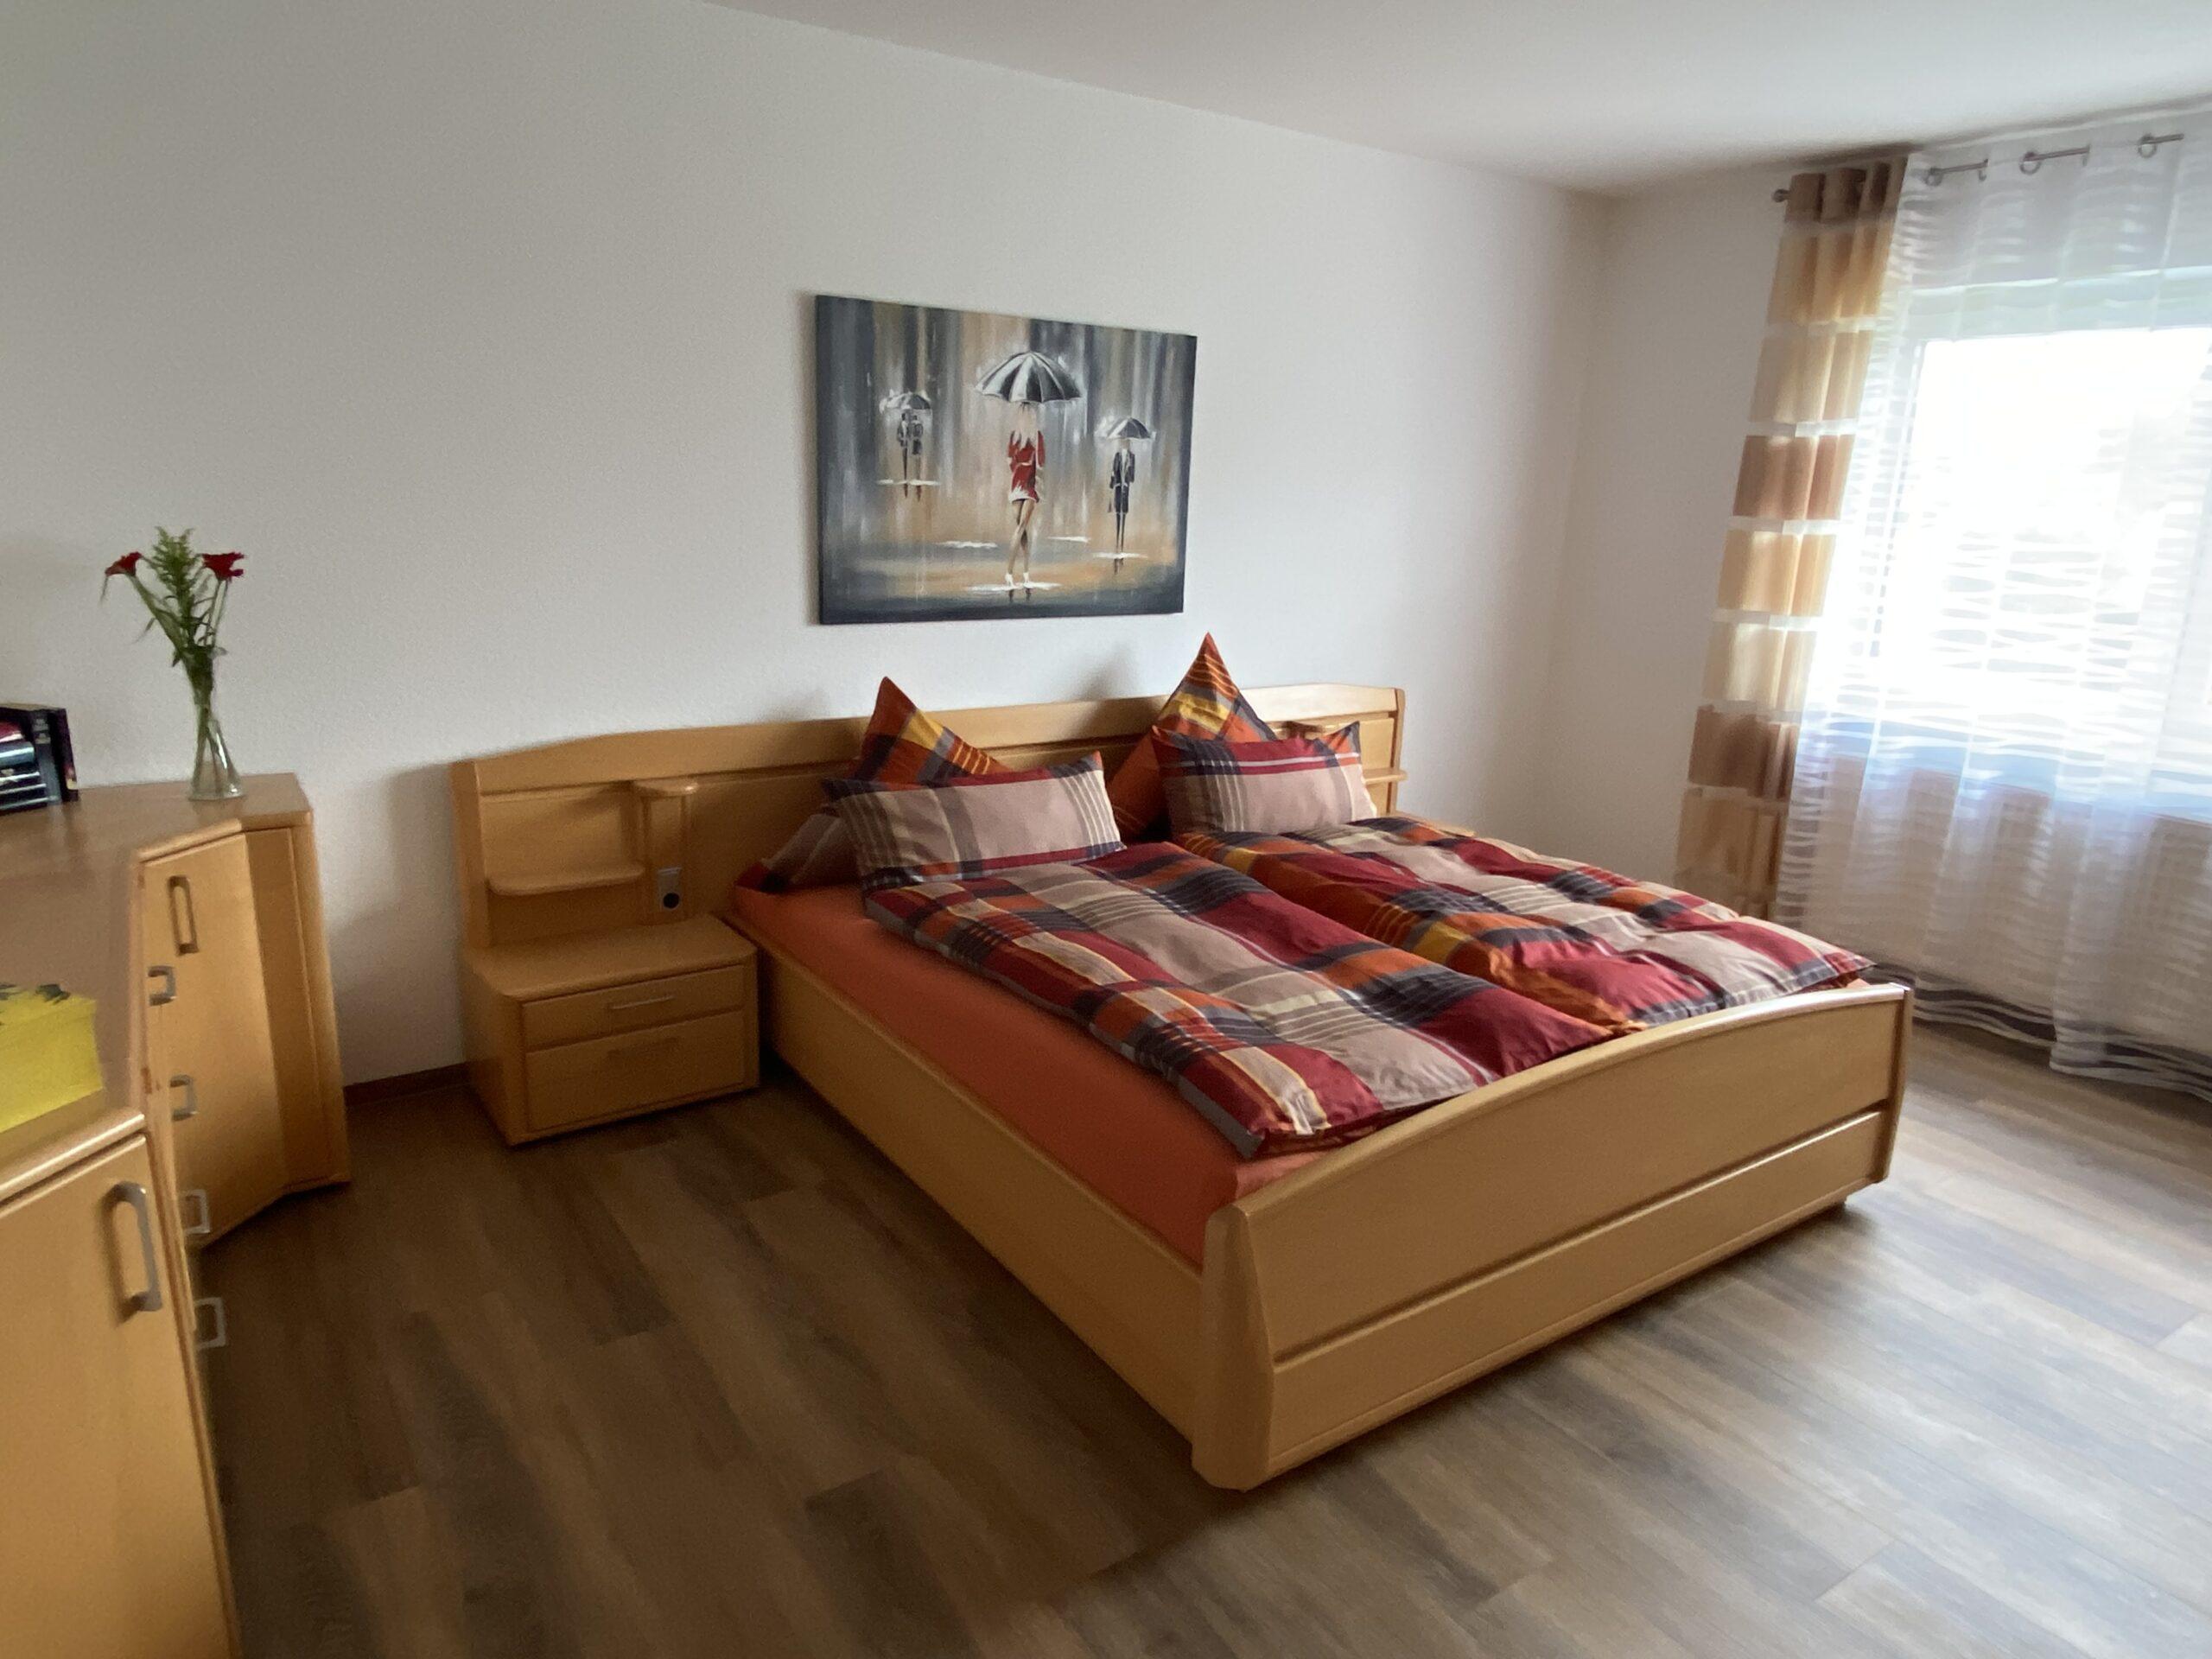 AISCHGRUNDFLAIR - Schlafzimmer 1